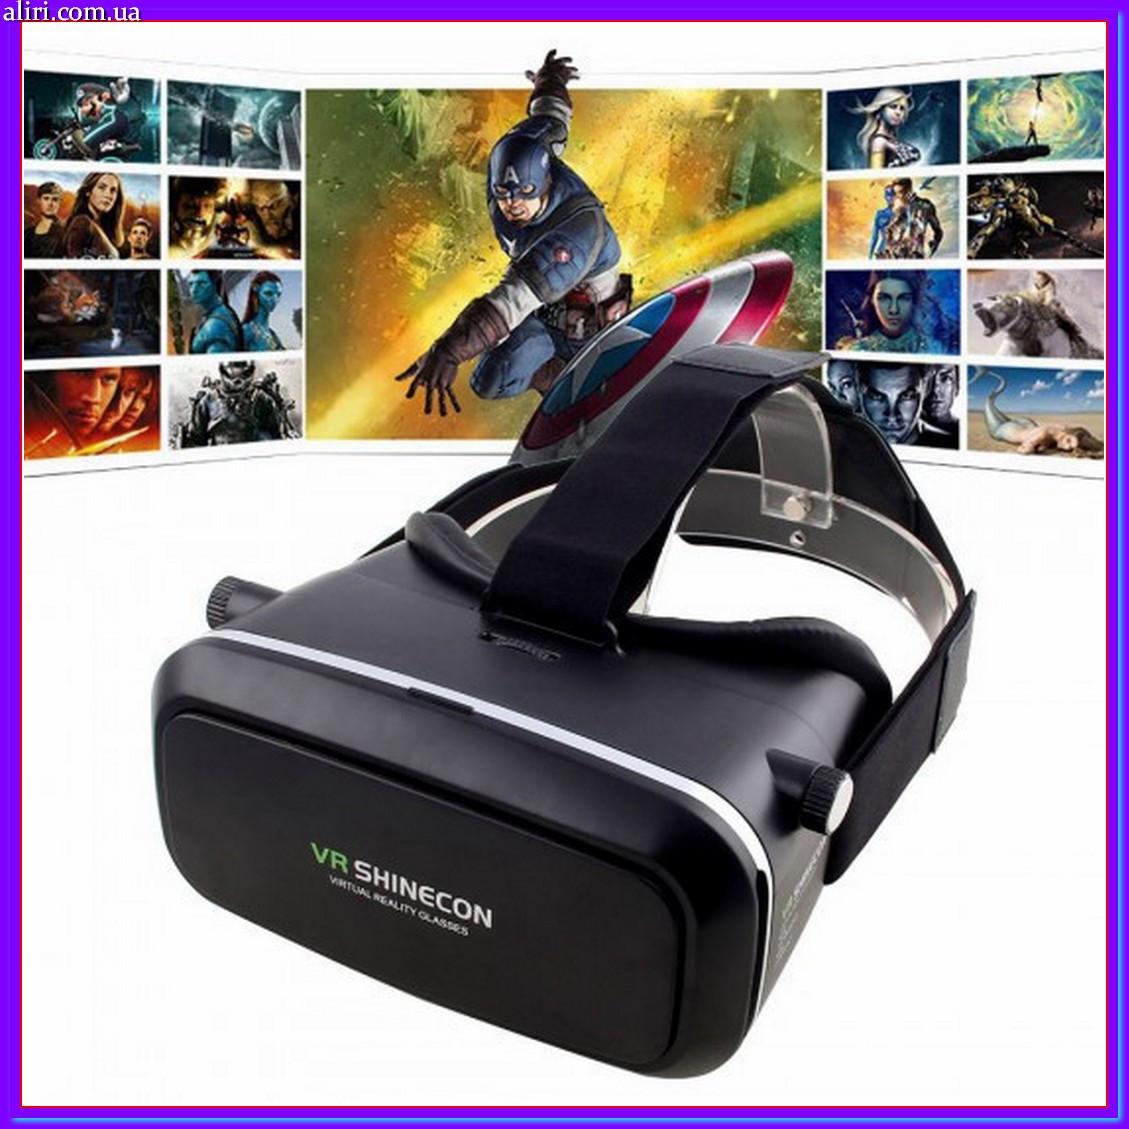 Очки виртуальной реальности для телефона VR BOX Shinecon 3D + ПУЛЬТ